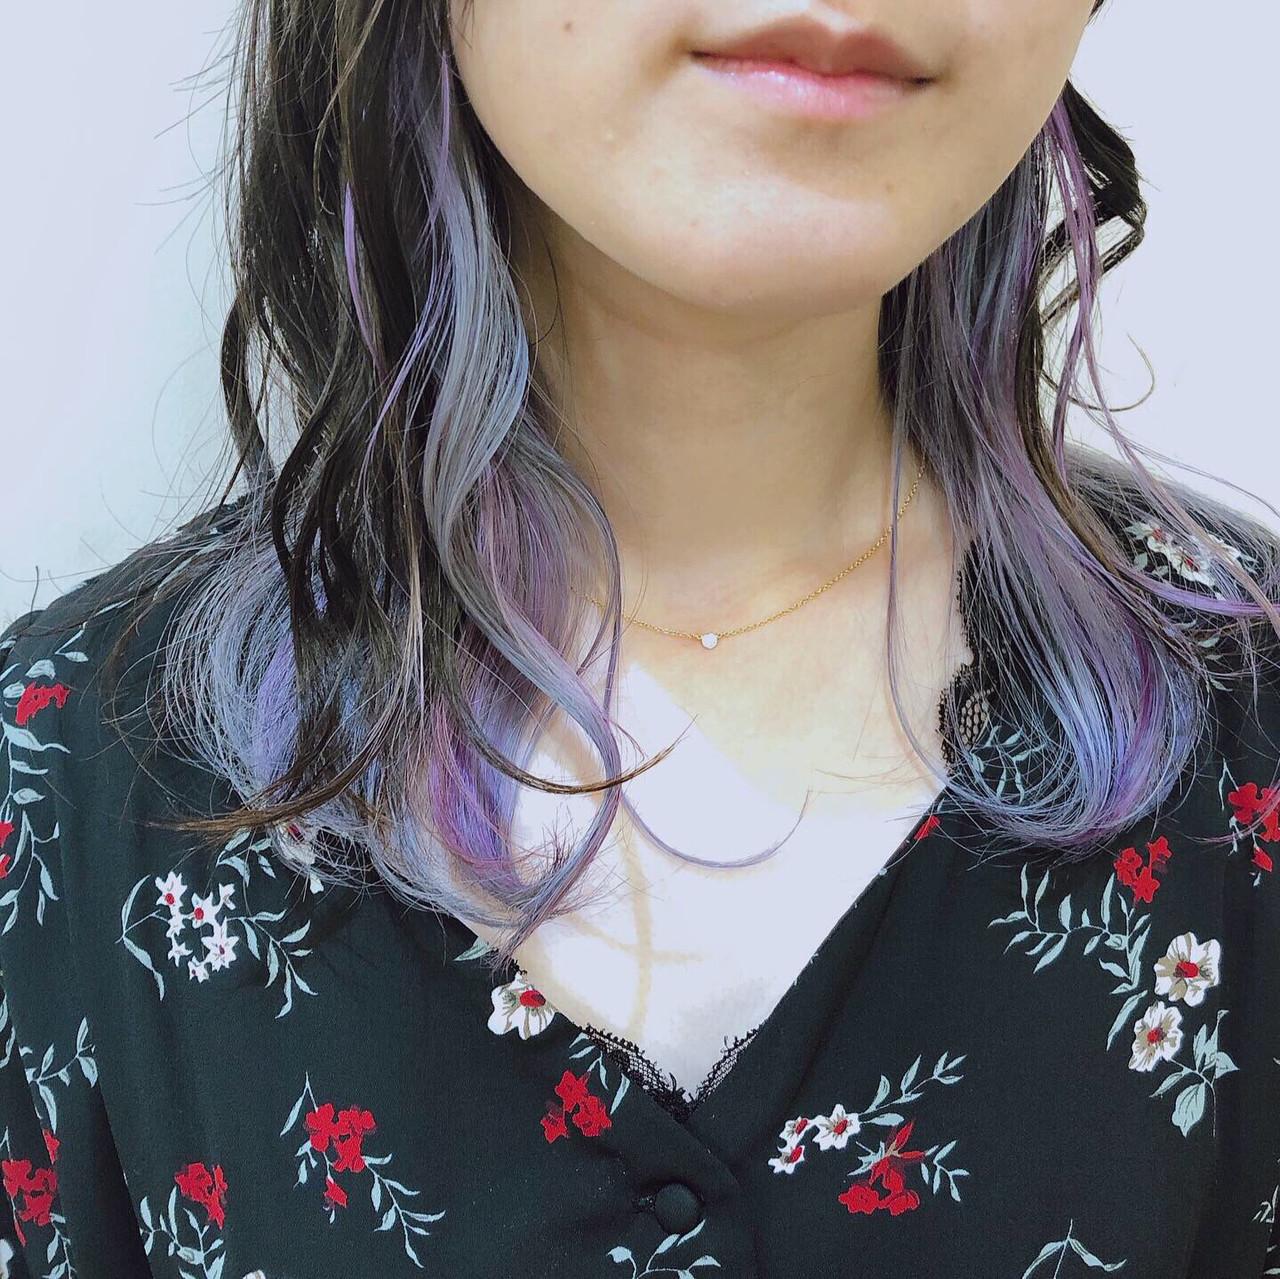 ミディアム ガーリー 外国人風 インナーカラー ヘアスタイルや髪型の写真・画像